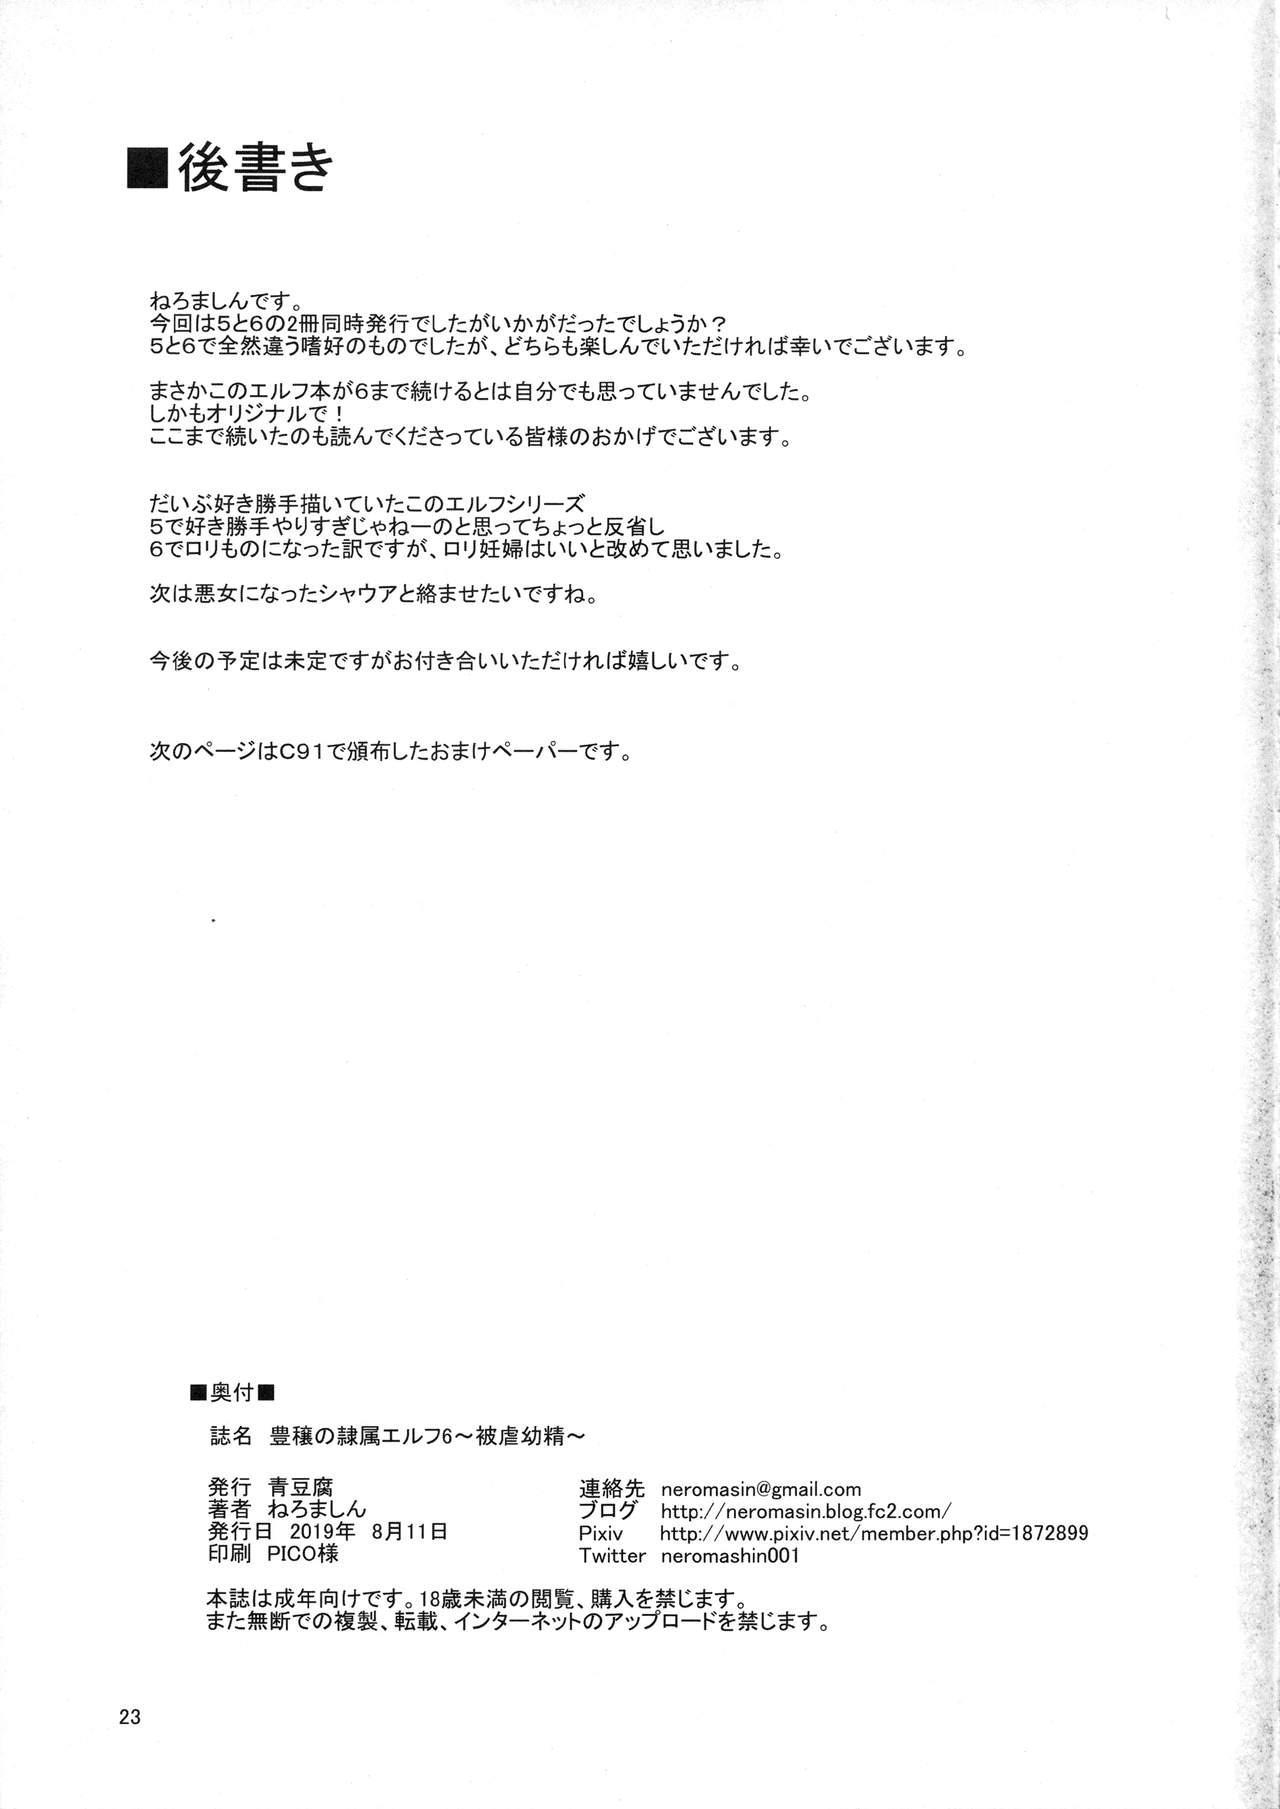 (C96) [Aodouhu (Neromashin)] Houjou no Reizoku Elf 6 ~Higyaku Yousei~ + Omake 23